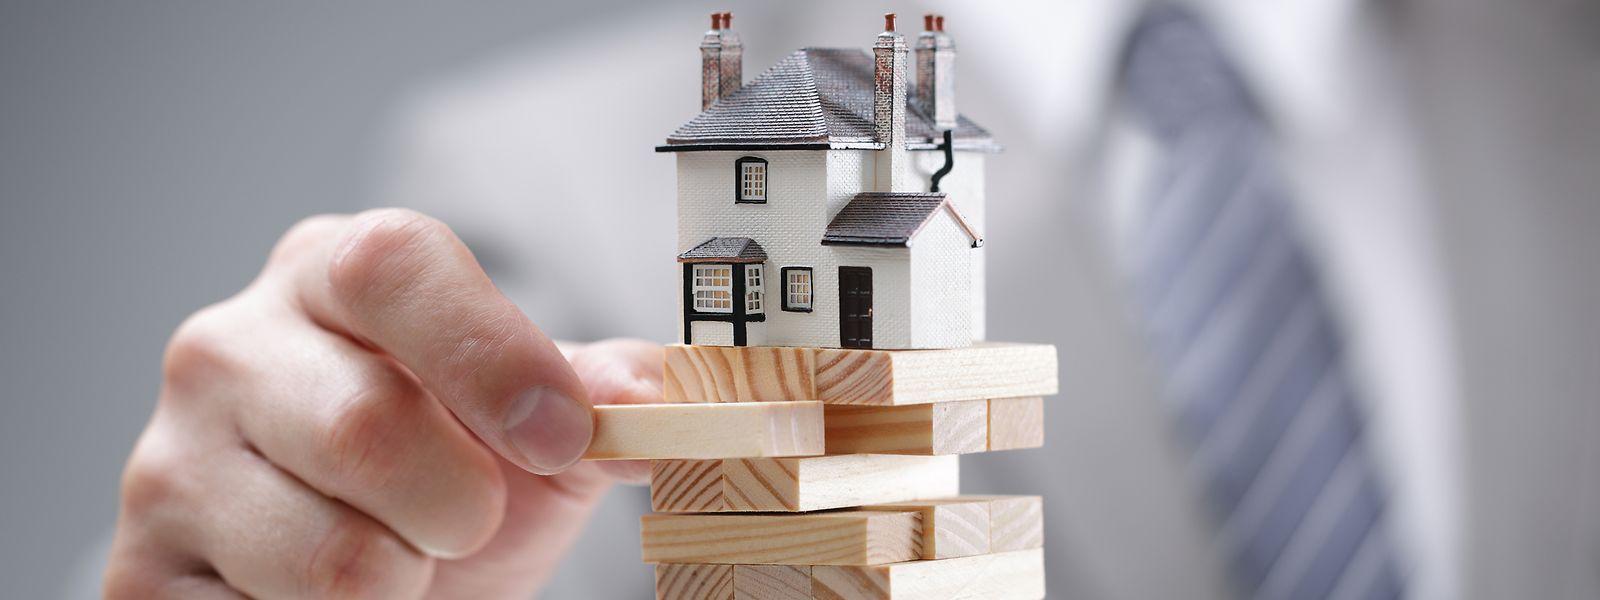 Une particularité luxembourgeoise que la Commission explique, sans grande surprise, par la flambée de l'immobilier.